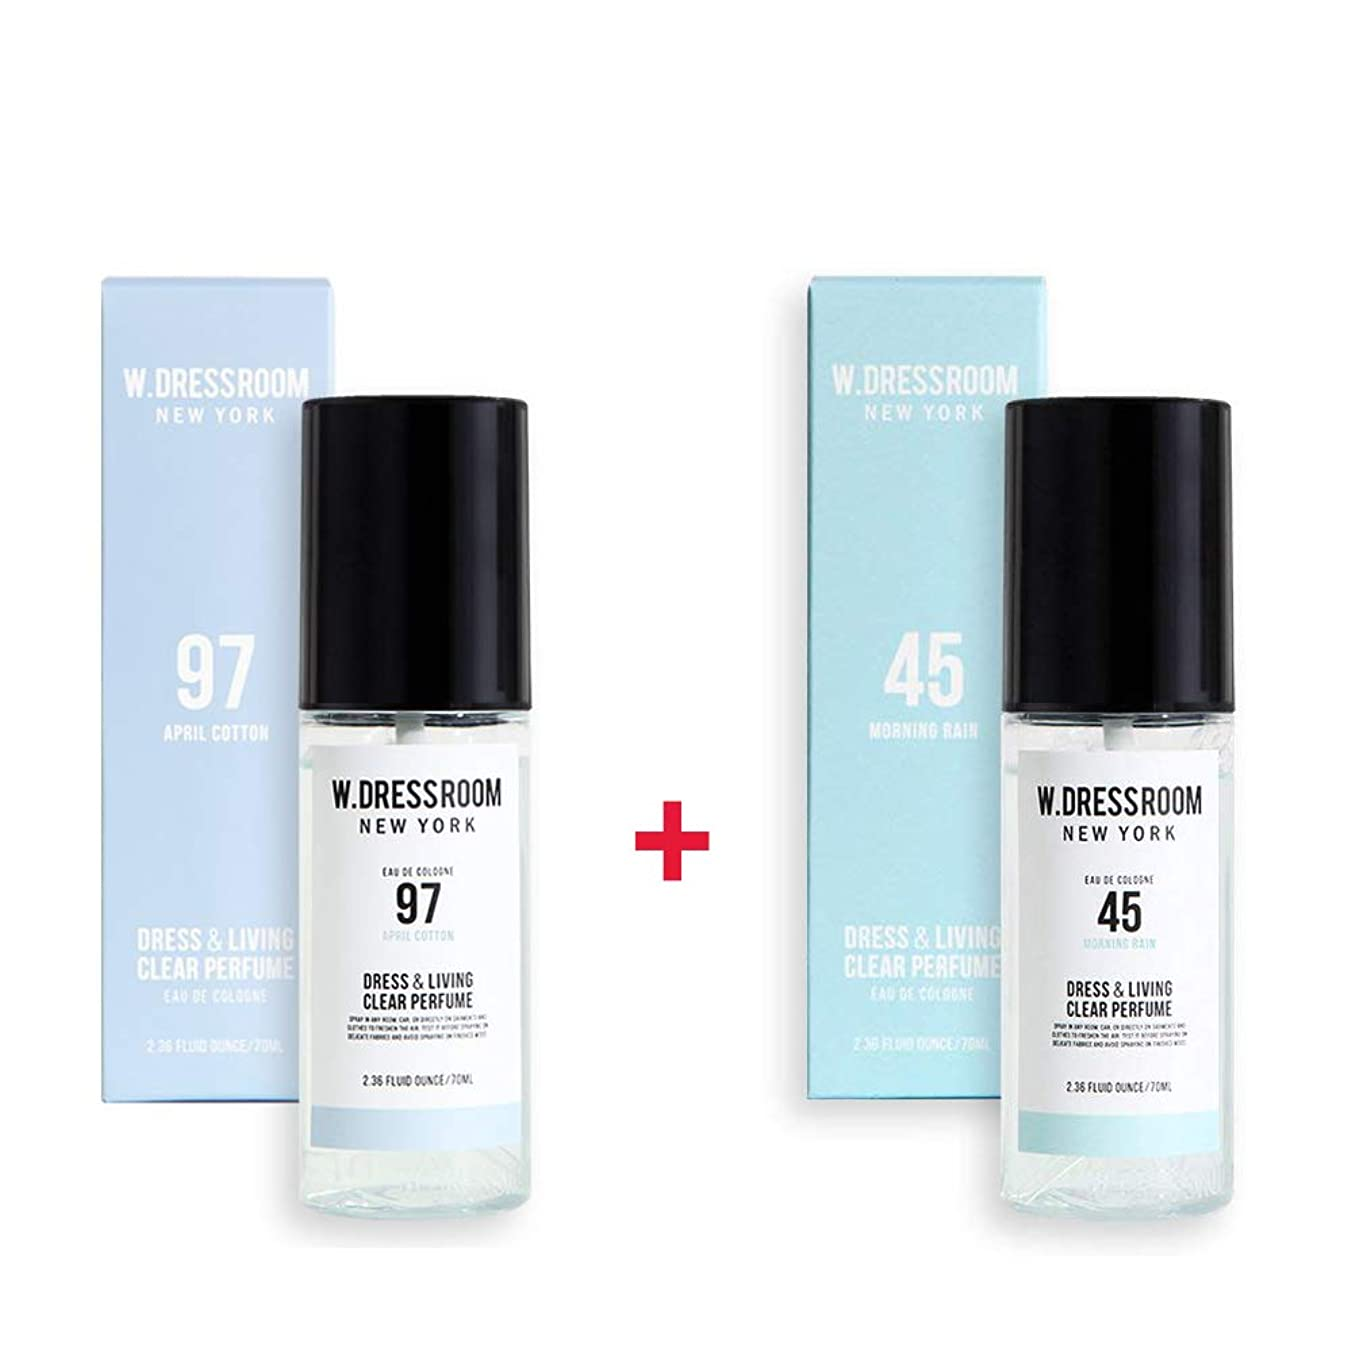 トライアスリート意見見えるW.DRESSROOM Dress & Living Clear Perfume 70ml (No 97 April Cotton)+(No 45 Morning Rain)